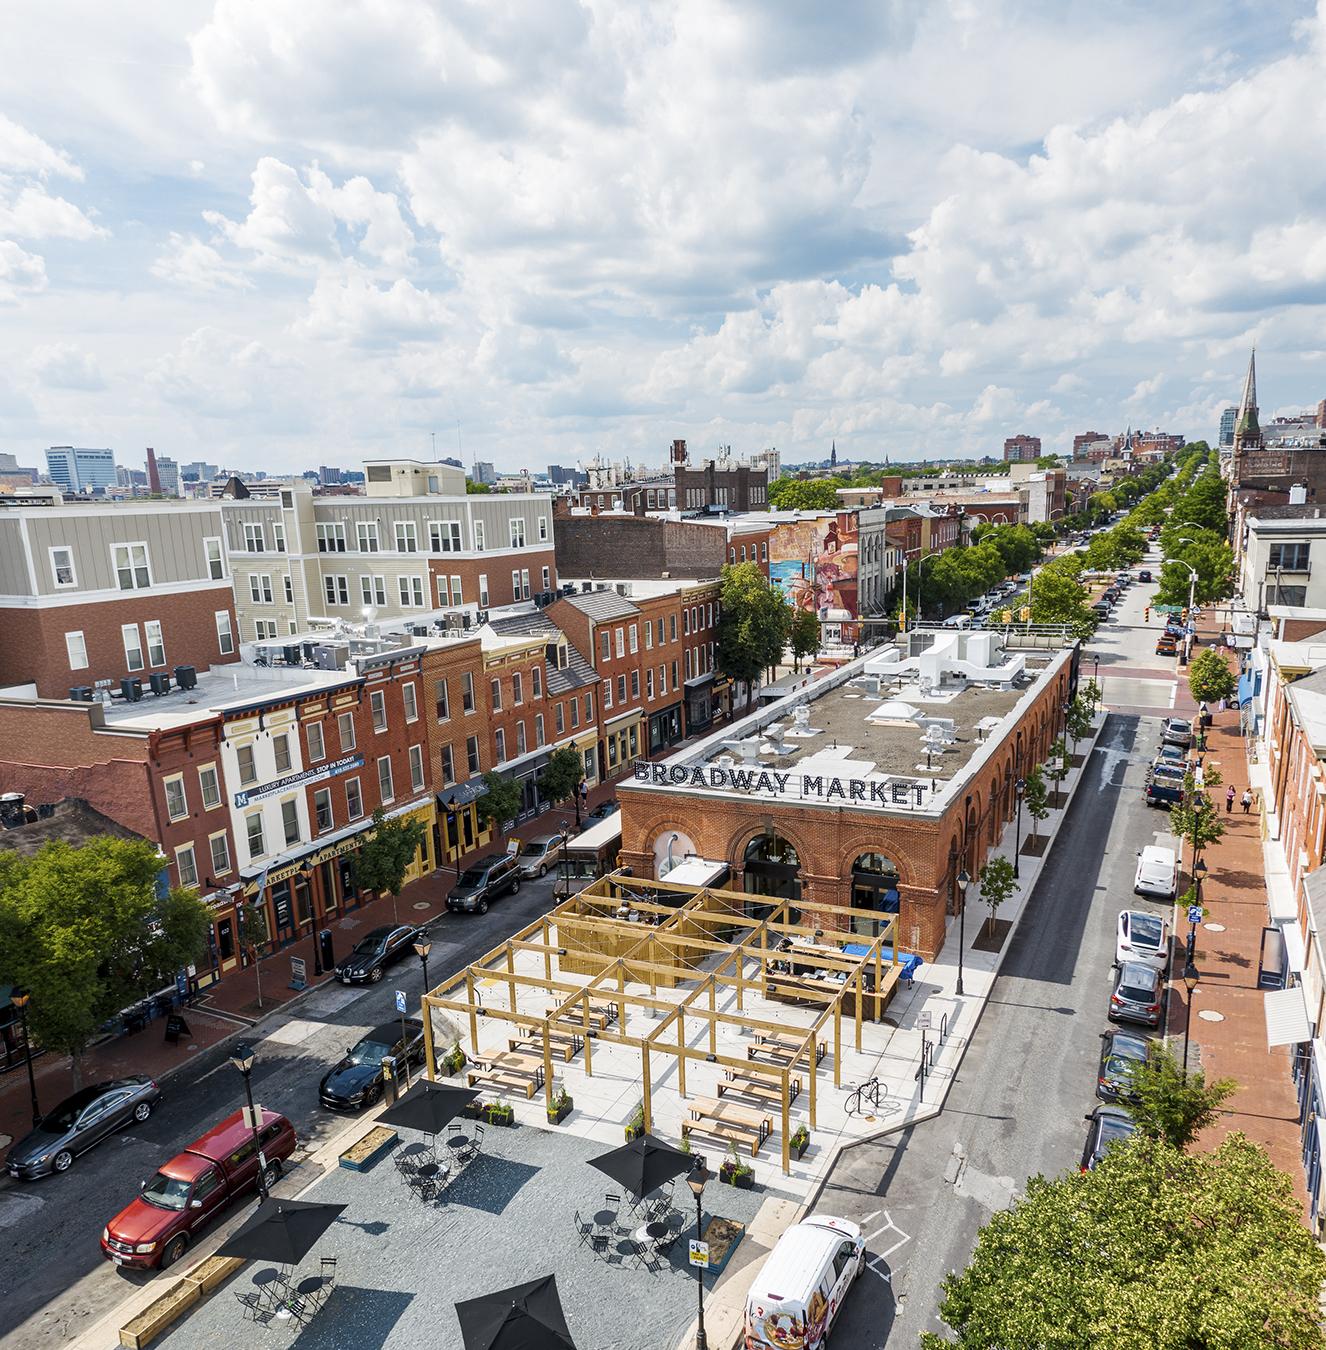 TBC Broadway Market June 2019_Drone_45.jpg